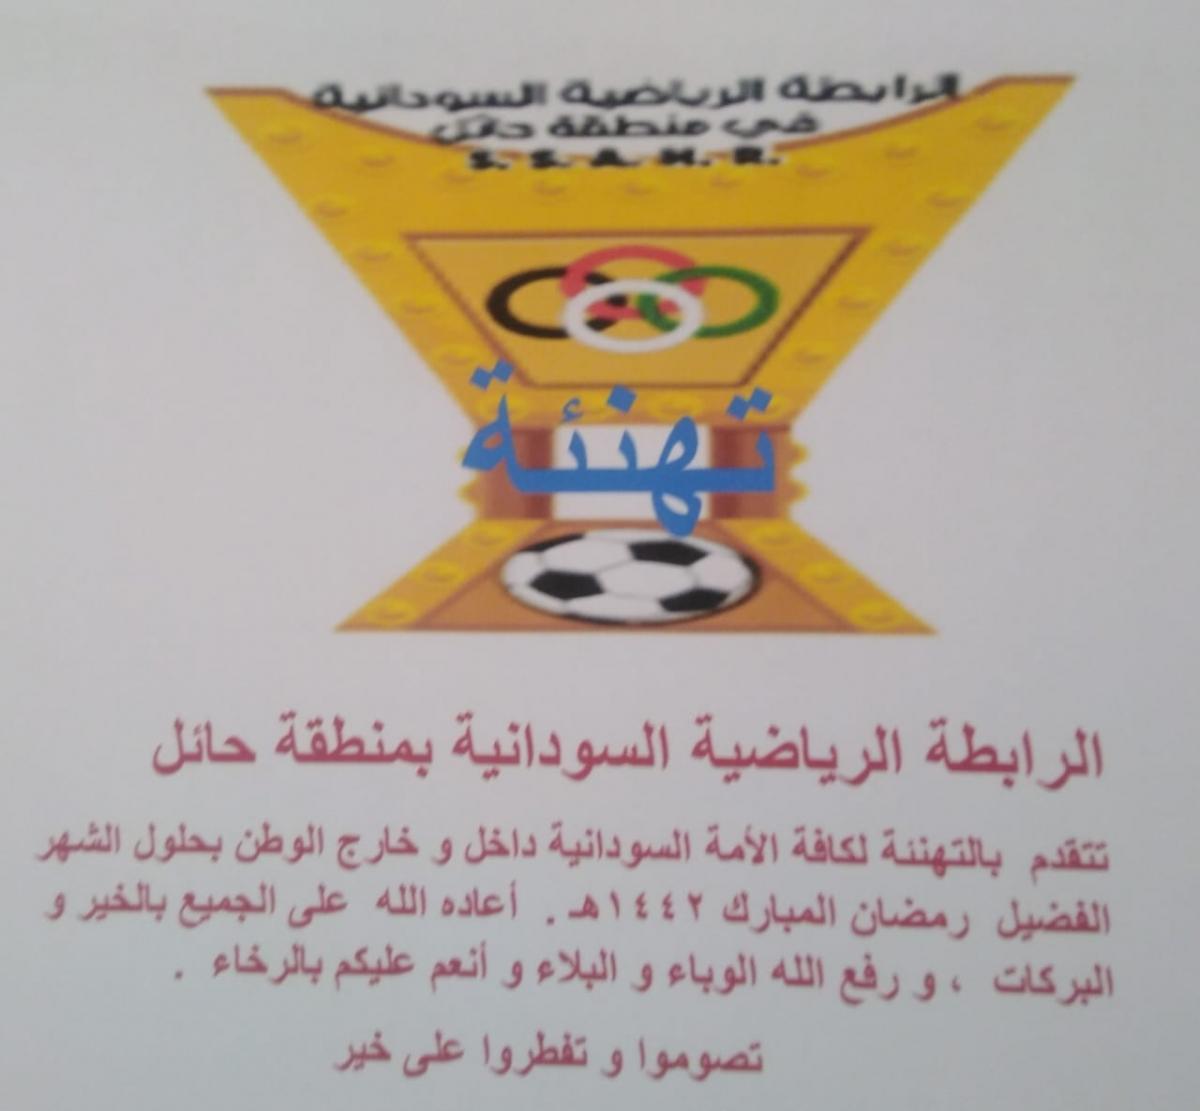 الرابطة الرياضية بحائل تهنيء الامة السودانية بحلول رمضان